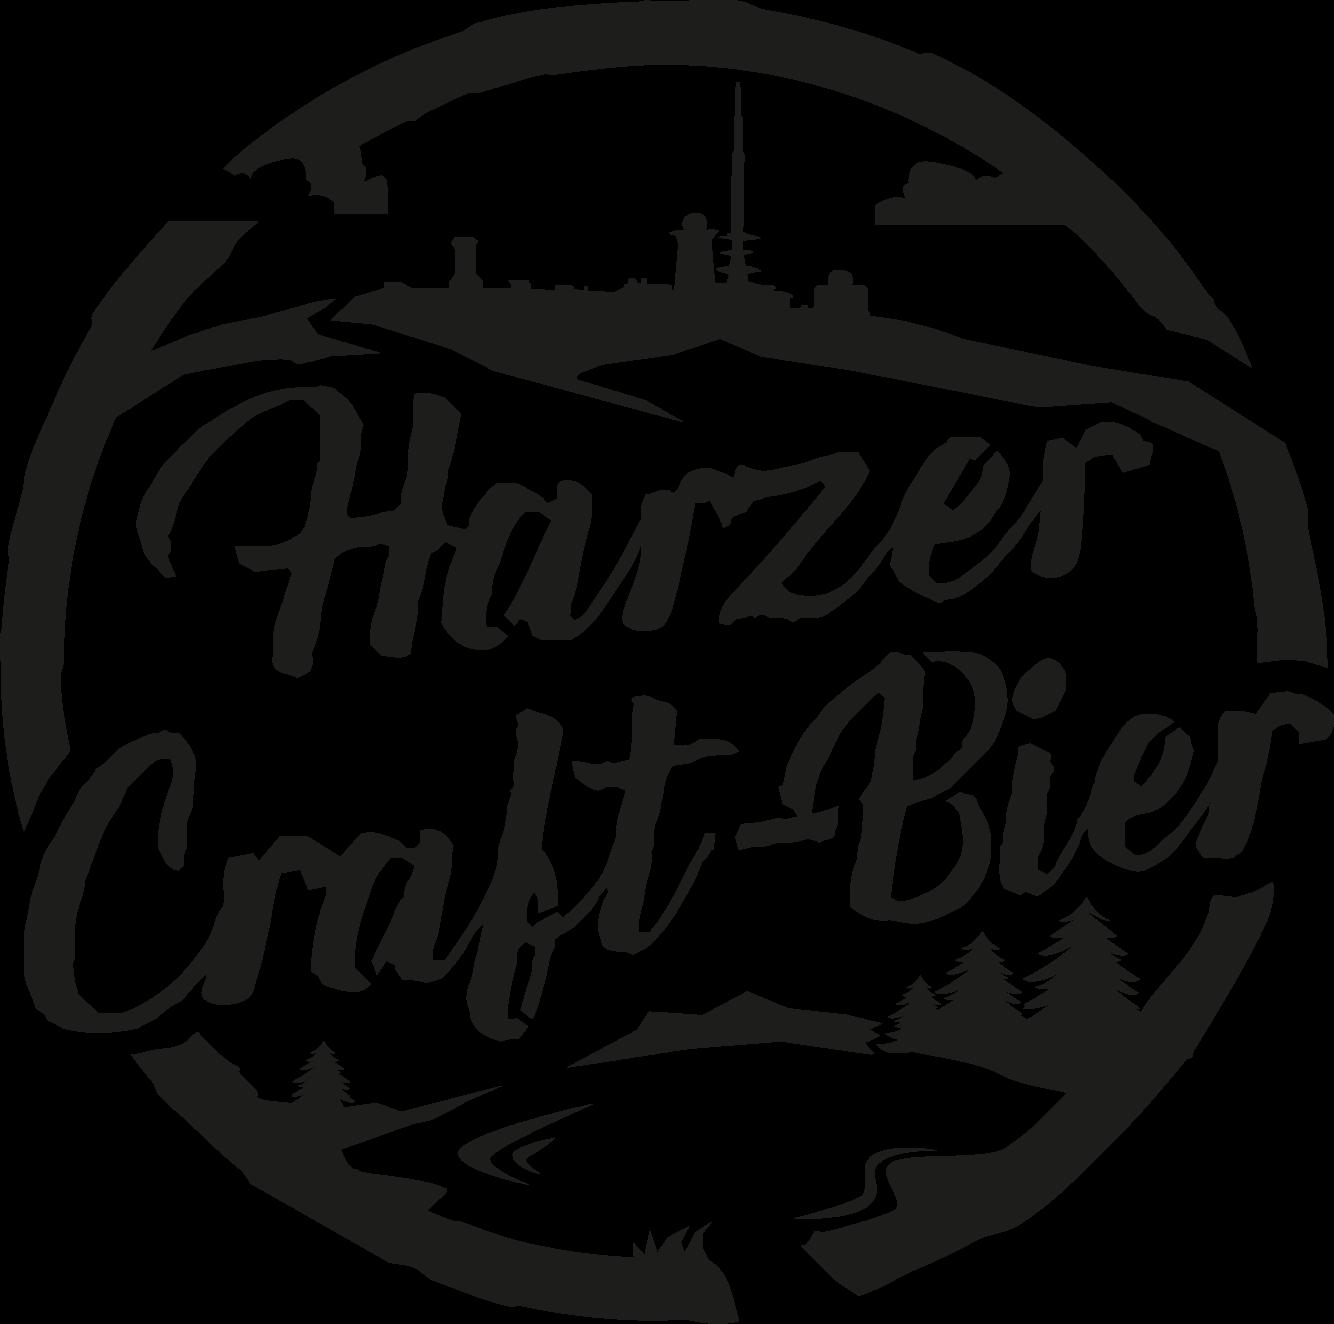 Harzer Craft-Bier